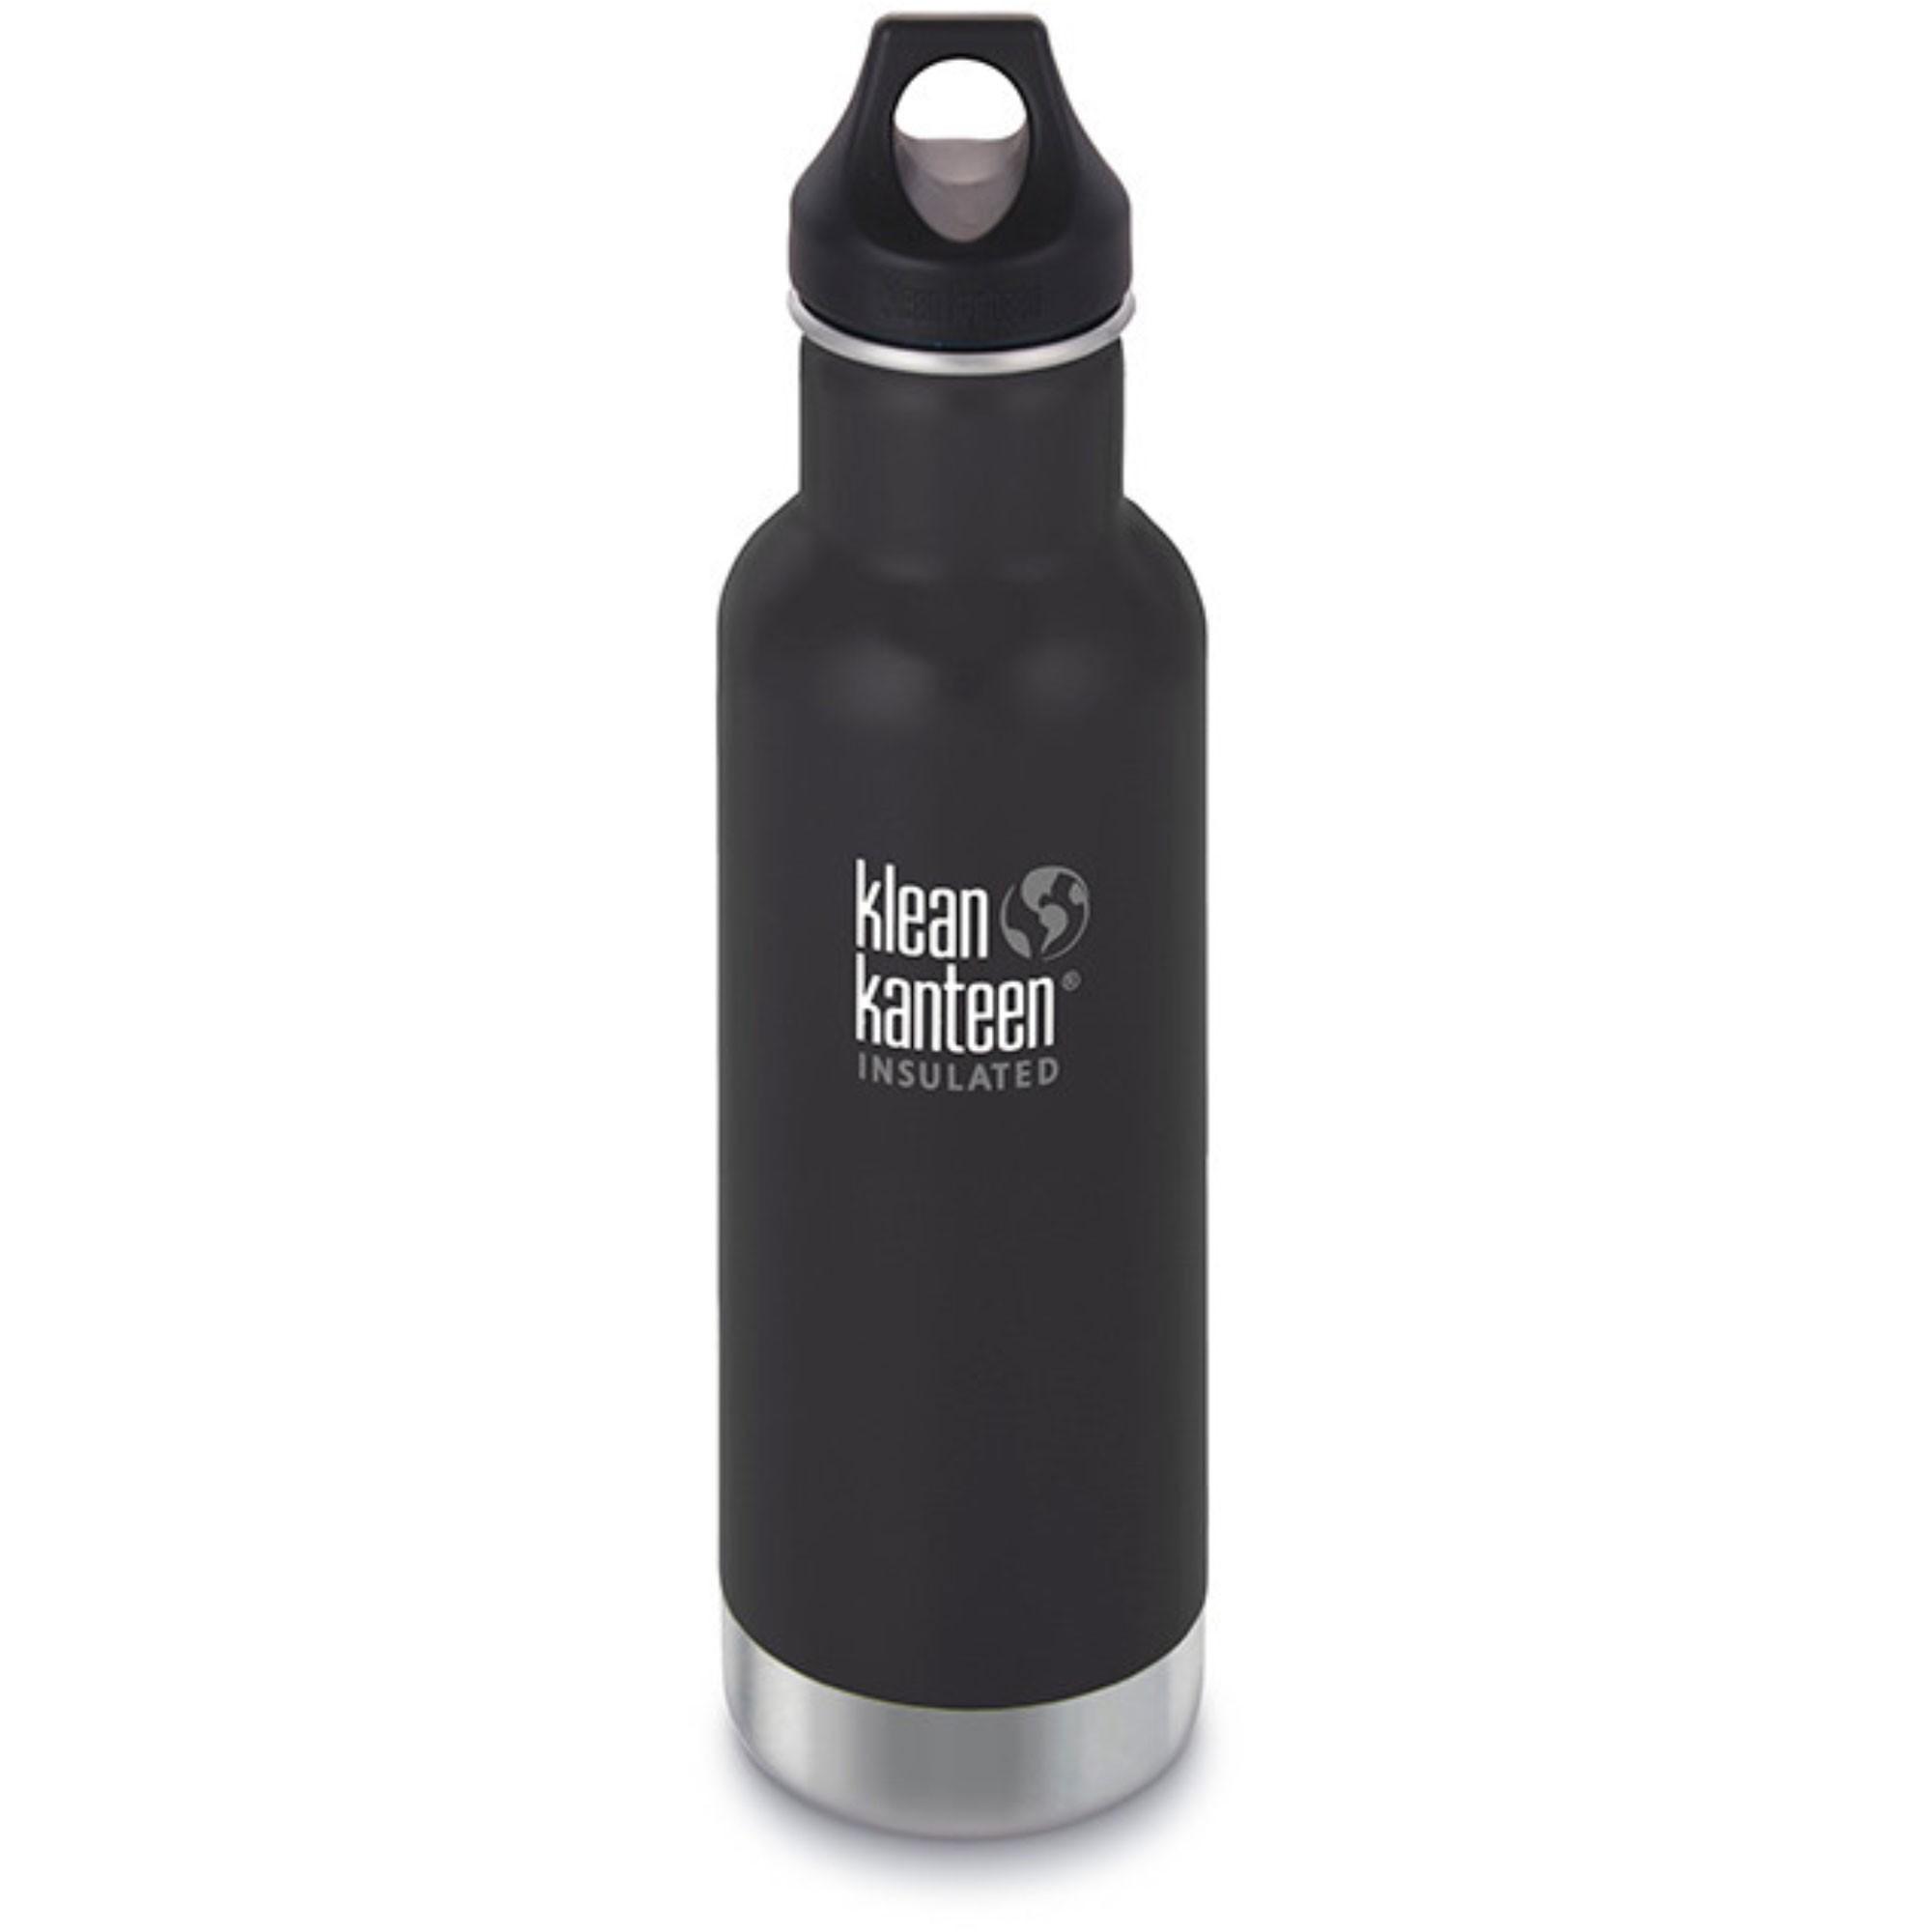 KLEAN KANTEEN - Classic Insulated Flask - 592ml - Shale Black (Matt)